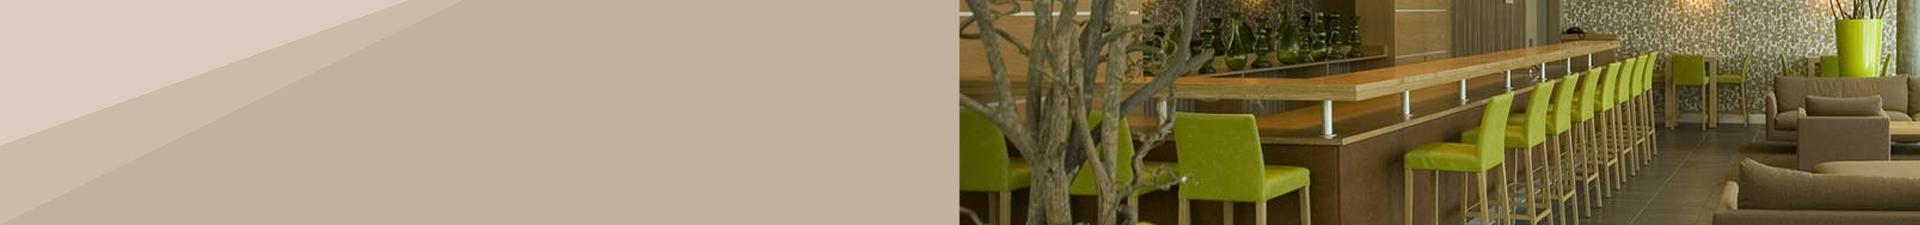 Tabouret de bar bois - Meubles Sièges